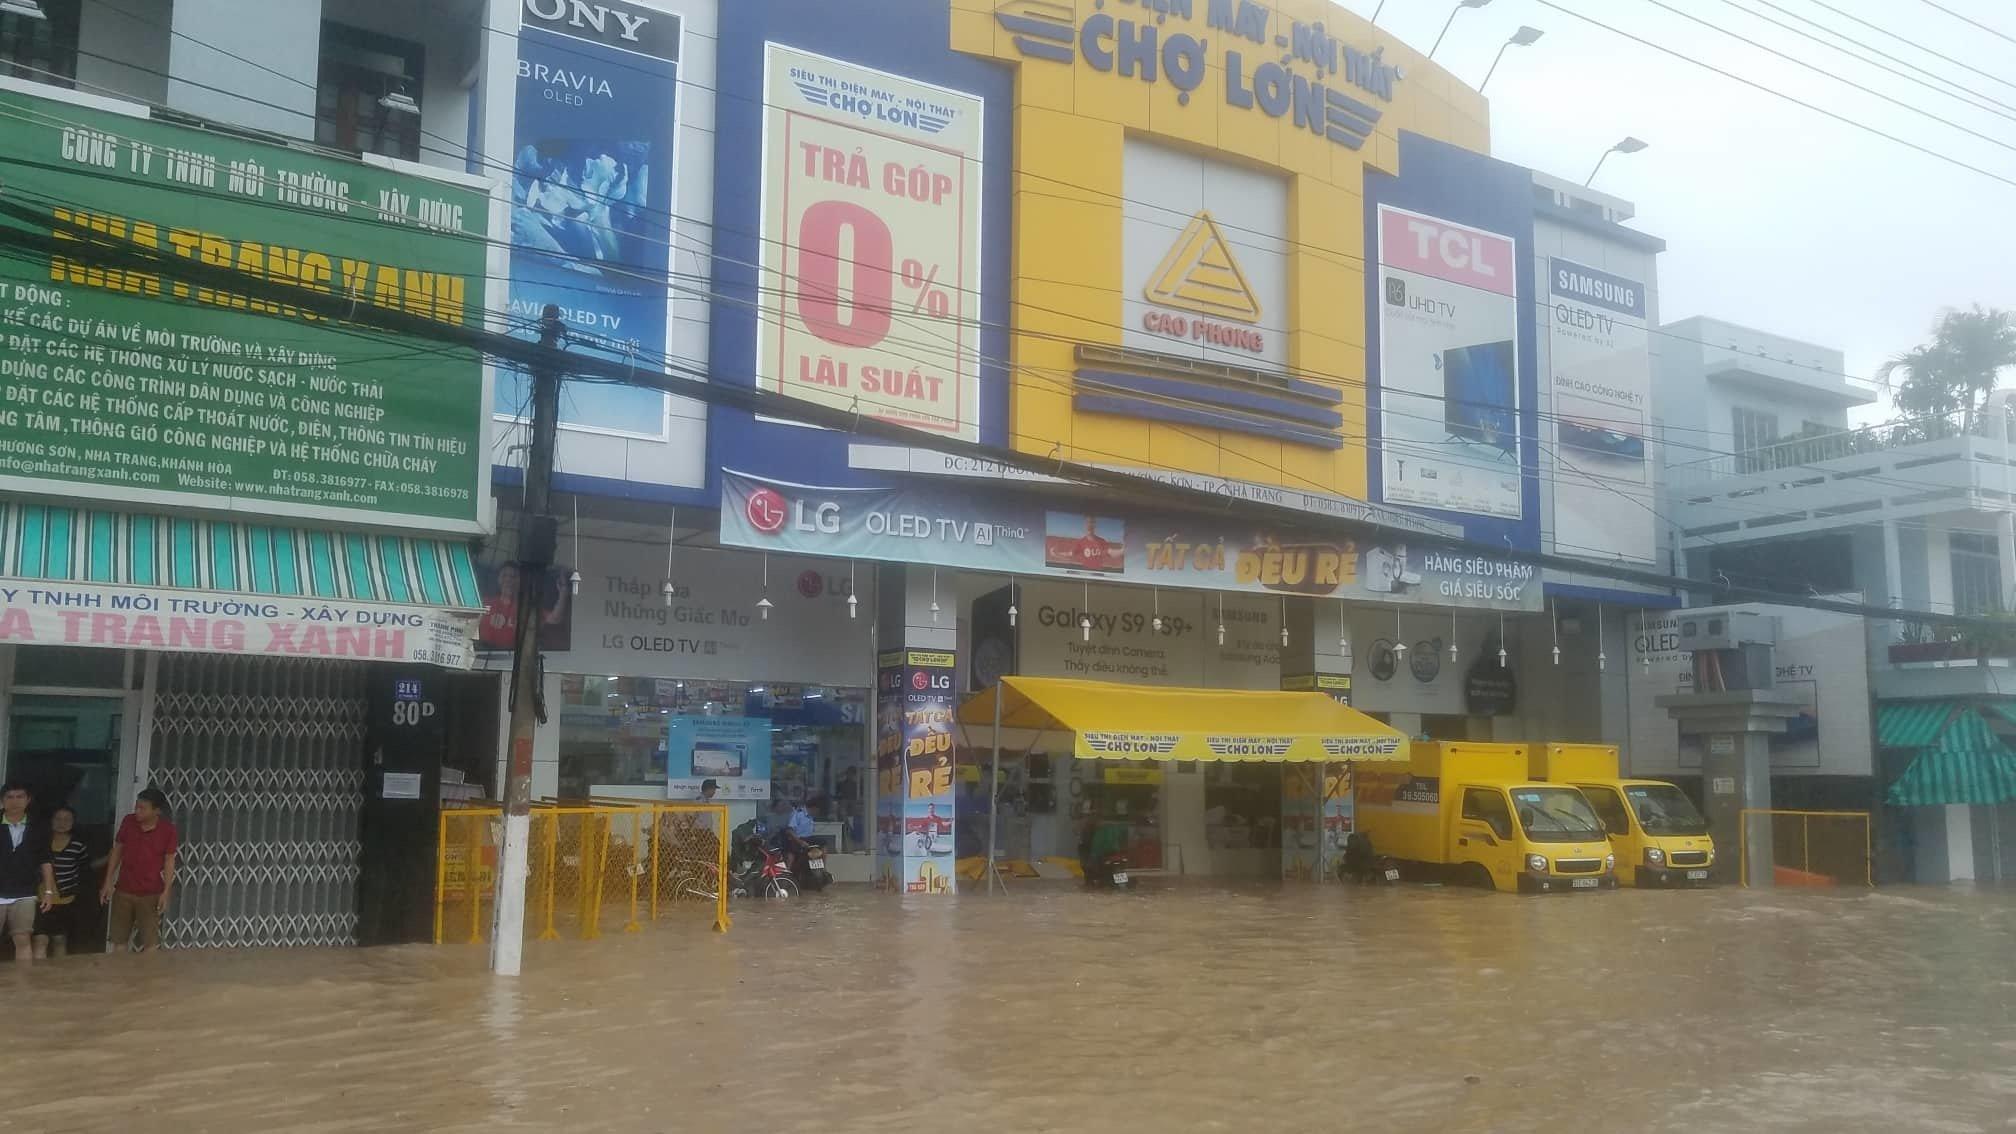 Khánh Hòa: Sạt lở, ngập lụt khắp nơi, đường vào sân bay tê liệt-16